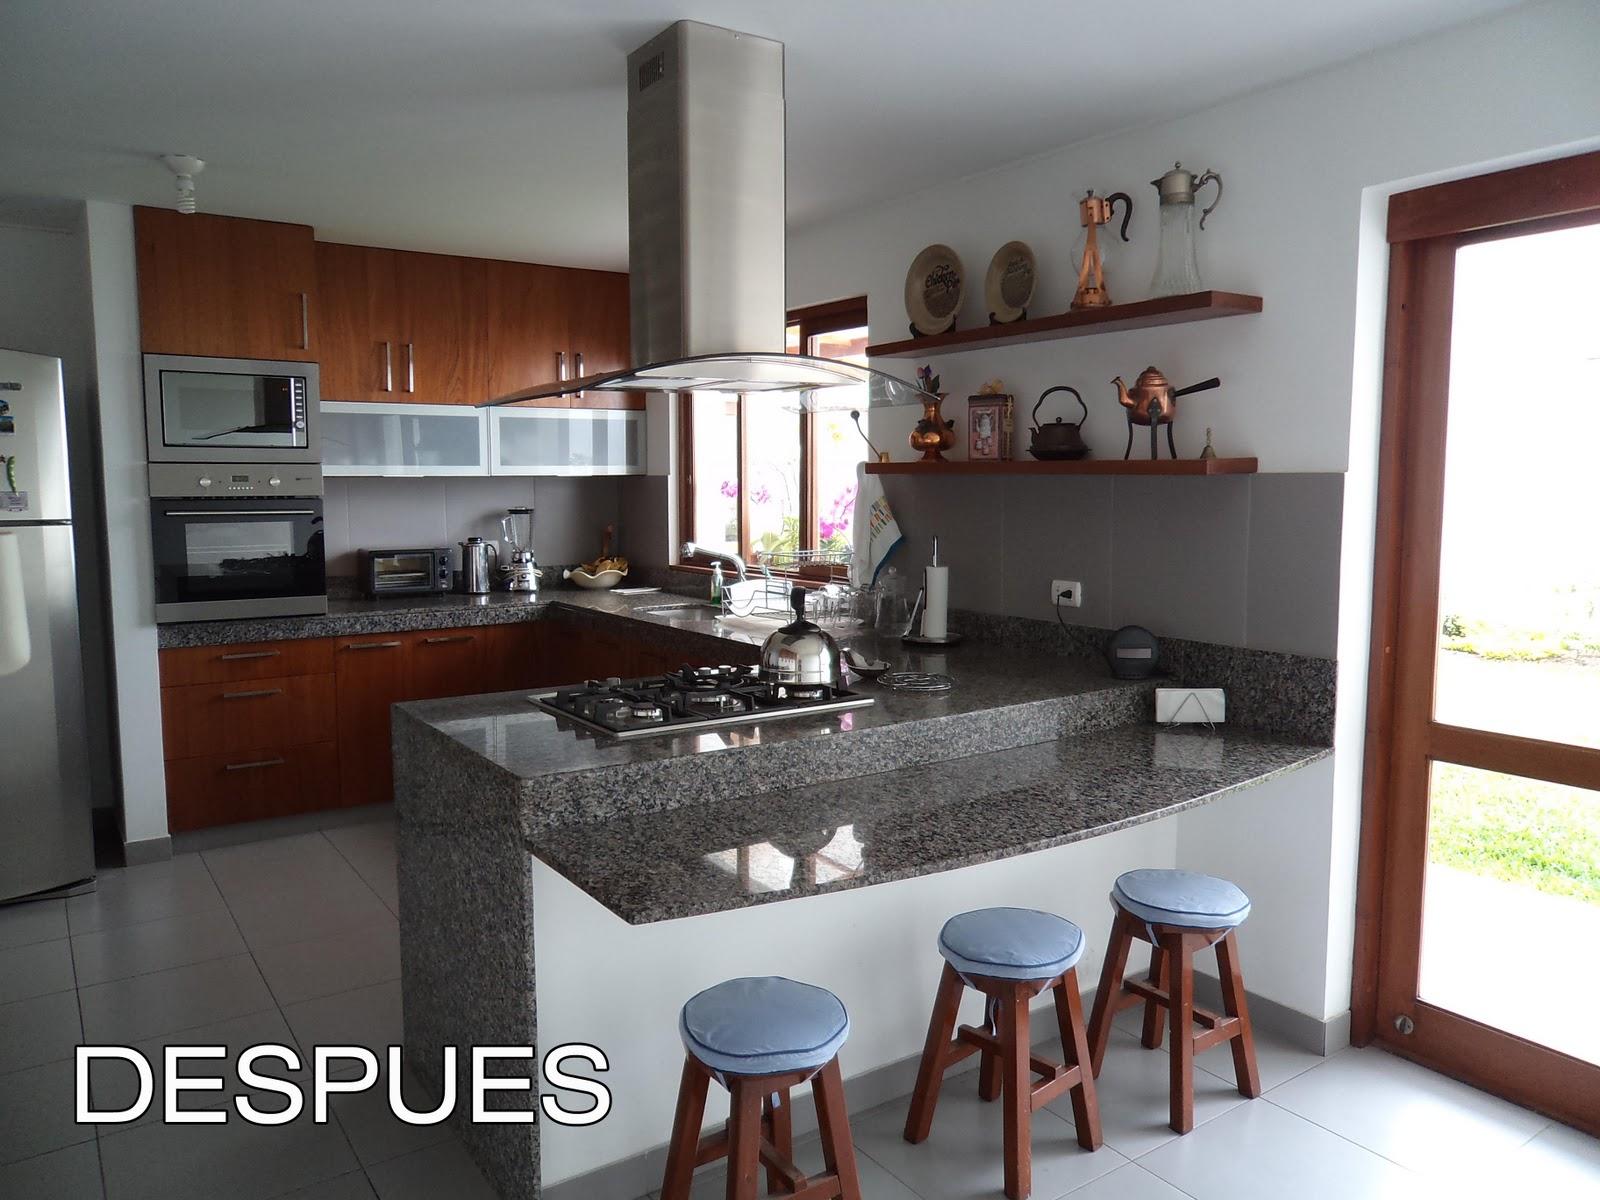 Oniria antes y despu s remodelacion de cocina for Remodelacion de cocinas